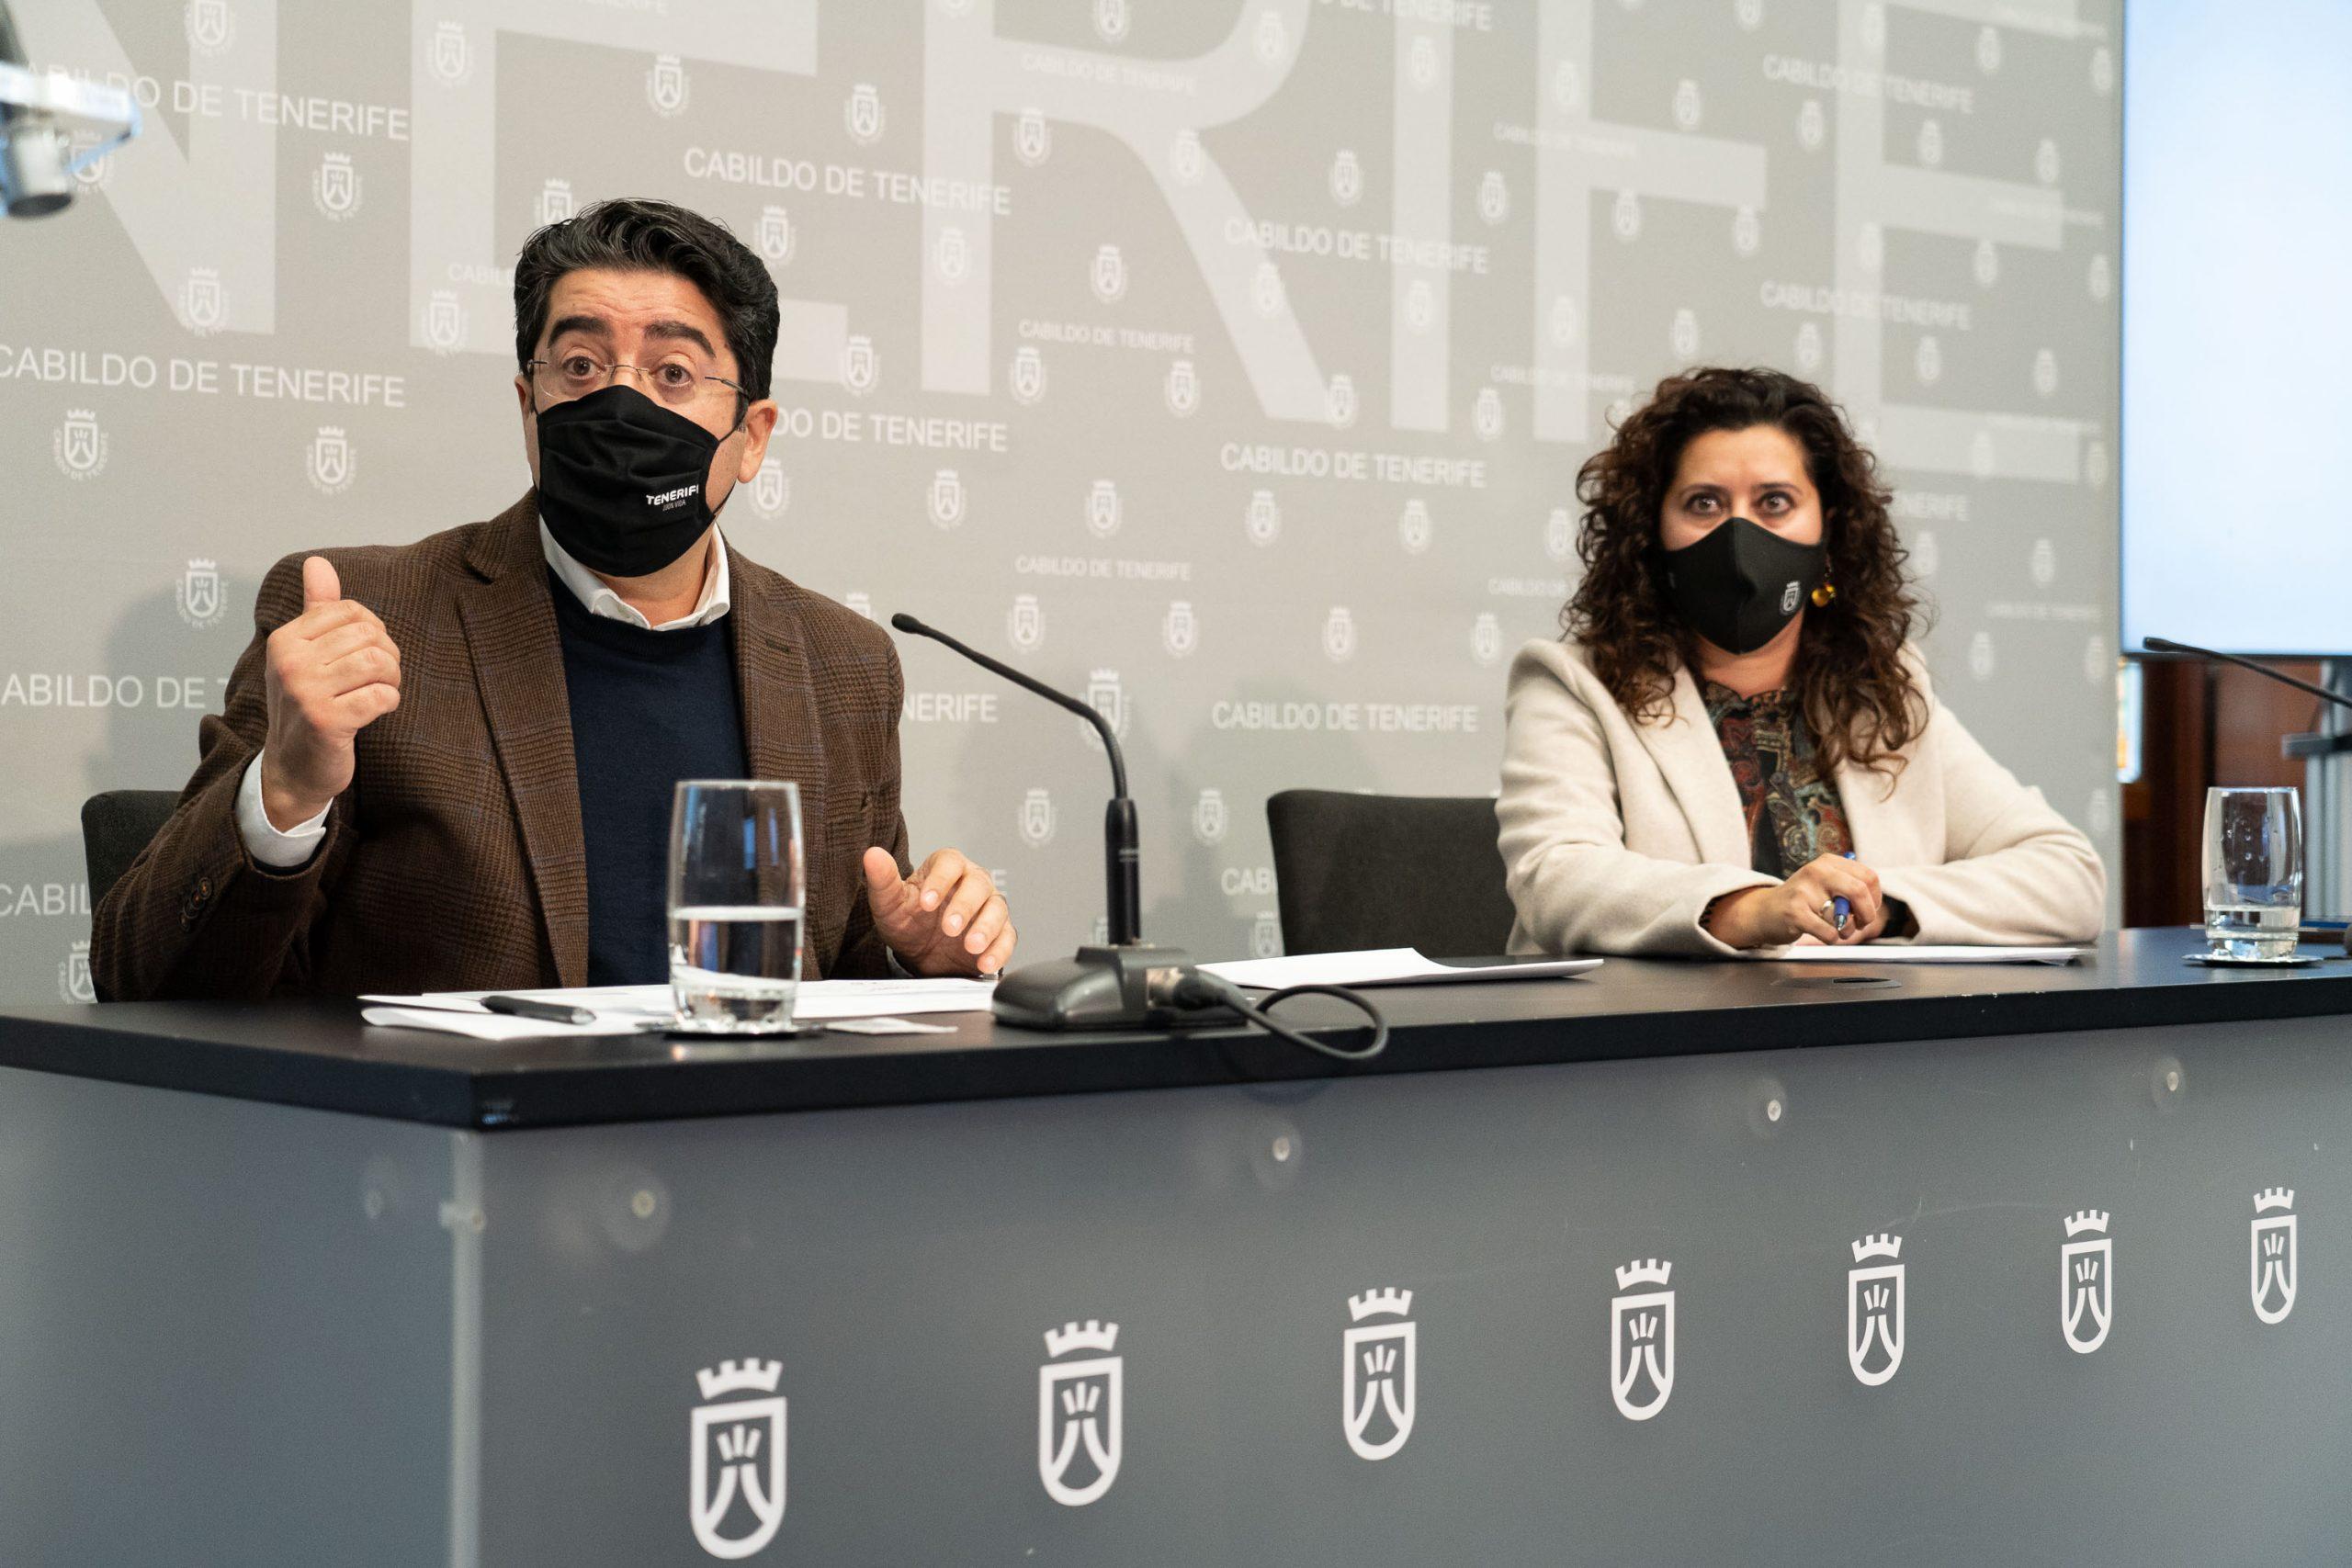 El presidente insular, Pedro Martín, y la consejera del Área, Carmen Luz Baso, presentaron las diferentes iniciativas que se desarrollarán a lo largo del 2021.